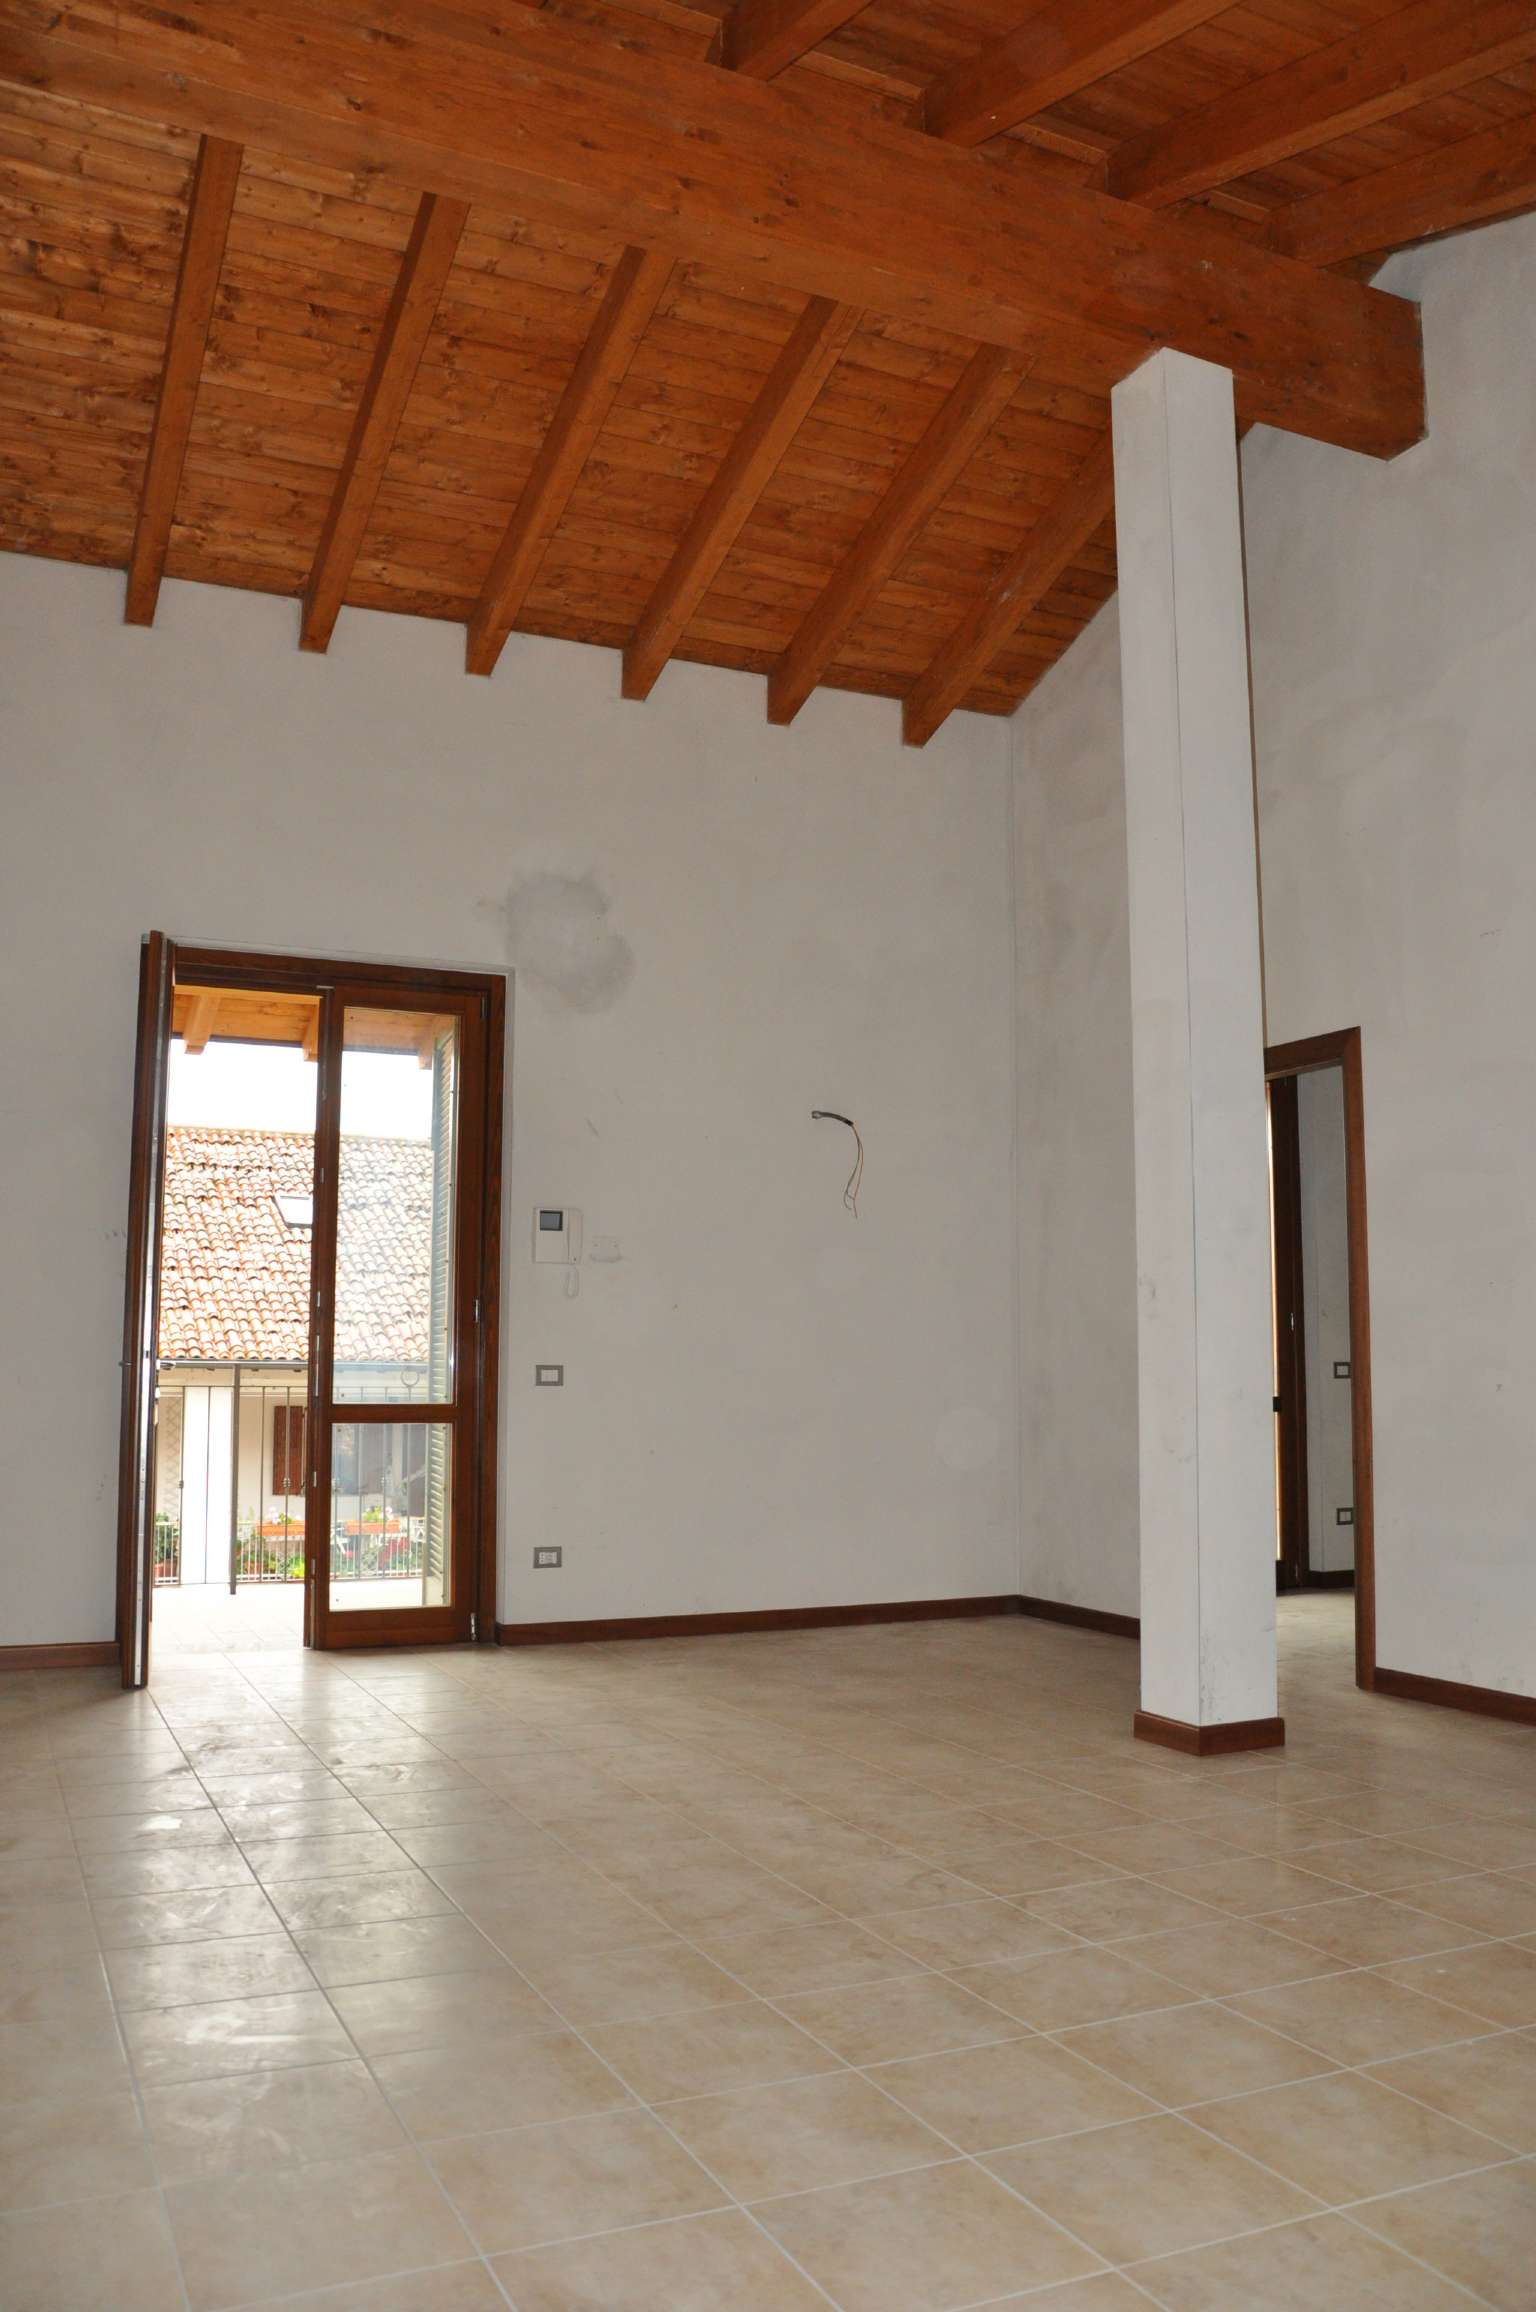 Appartamento in vendita a Arzago d'Adda, 2 locali, prezzo € 125.000 | CambioCasa.it